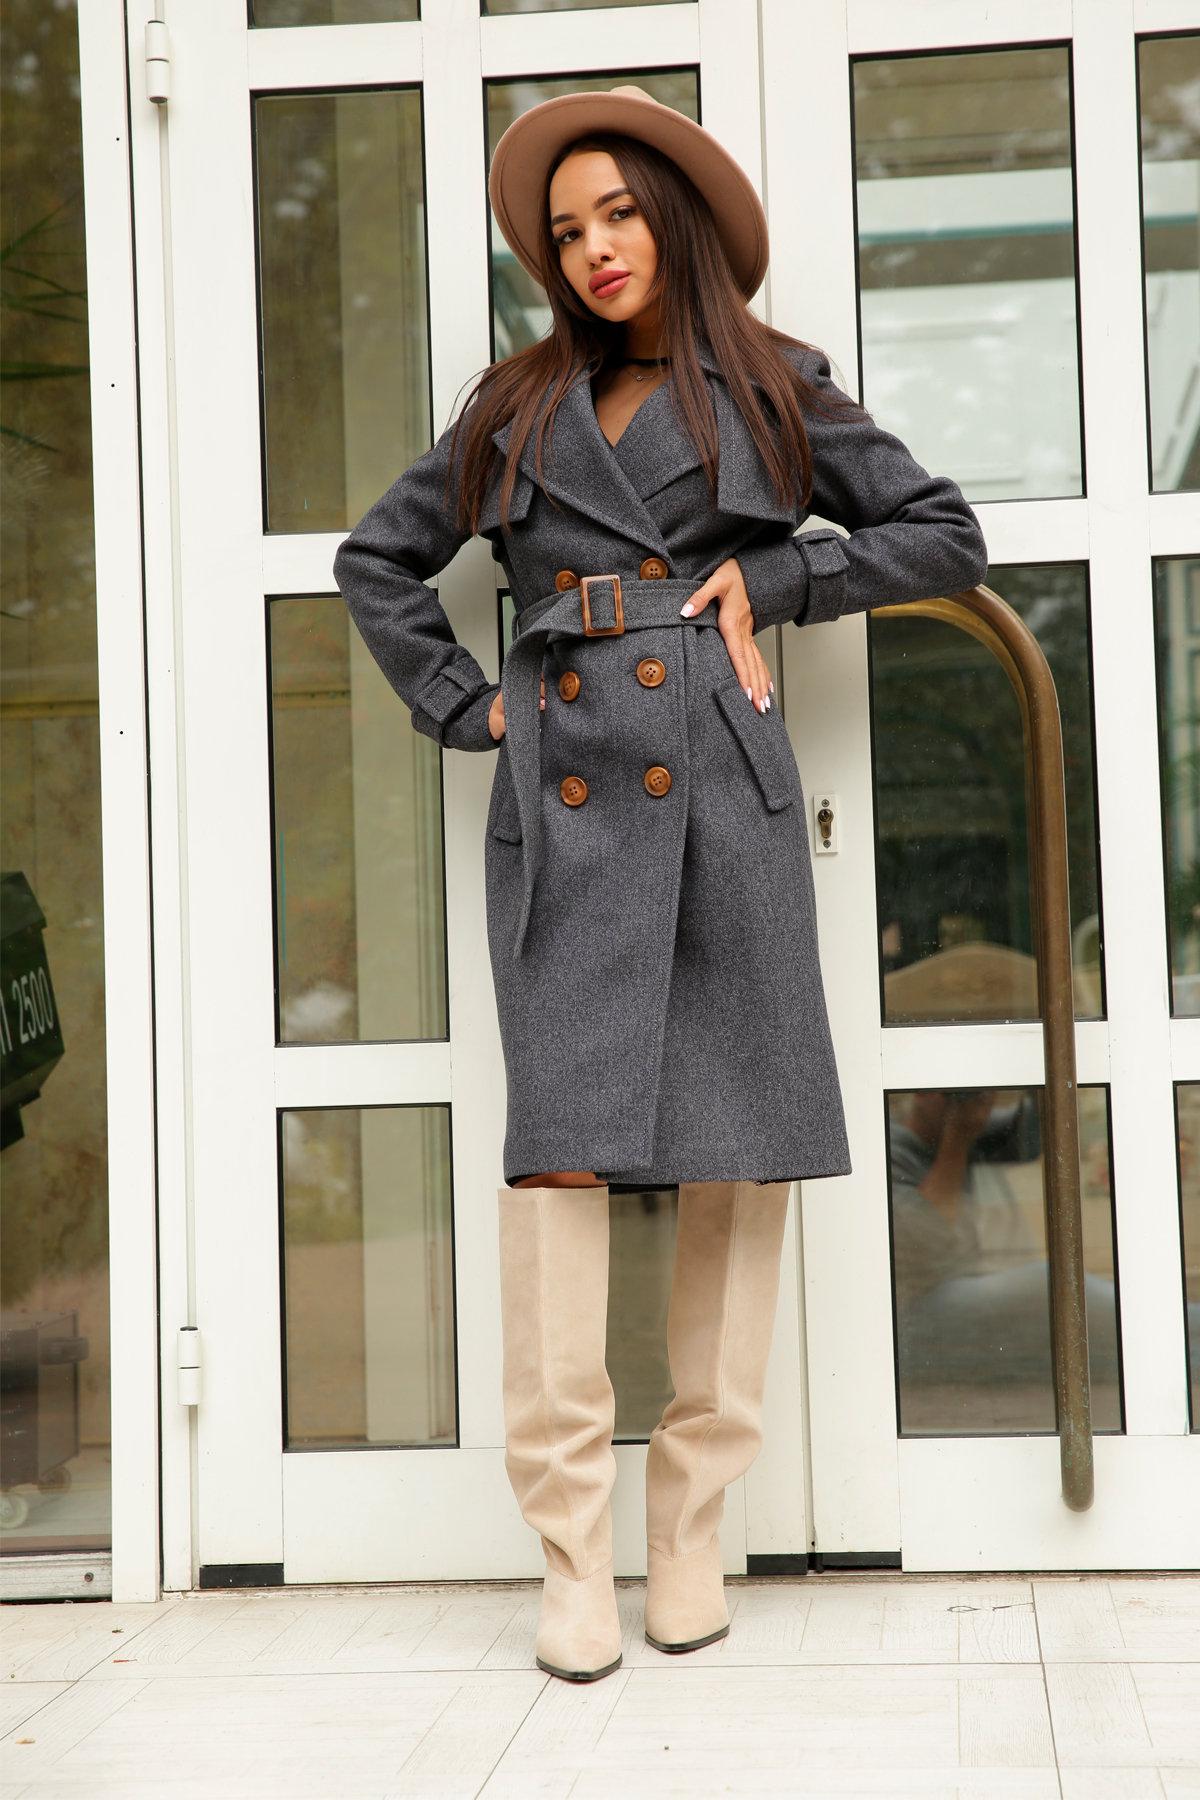 Двубортное пальто демисезон Монте 8089 АРТ. 44032 Цвет: т. синий 543 - фото 11, интернет магазин tm-modus.ru